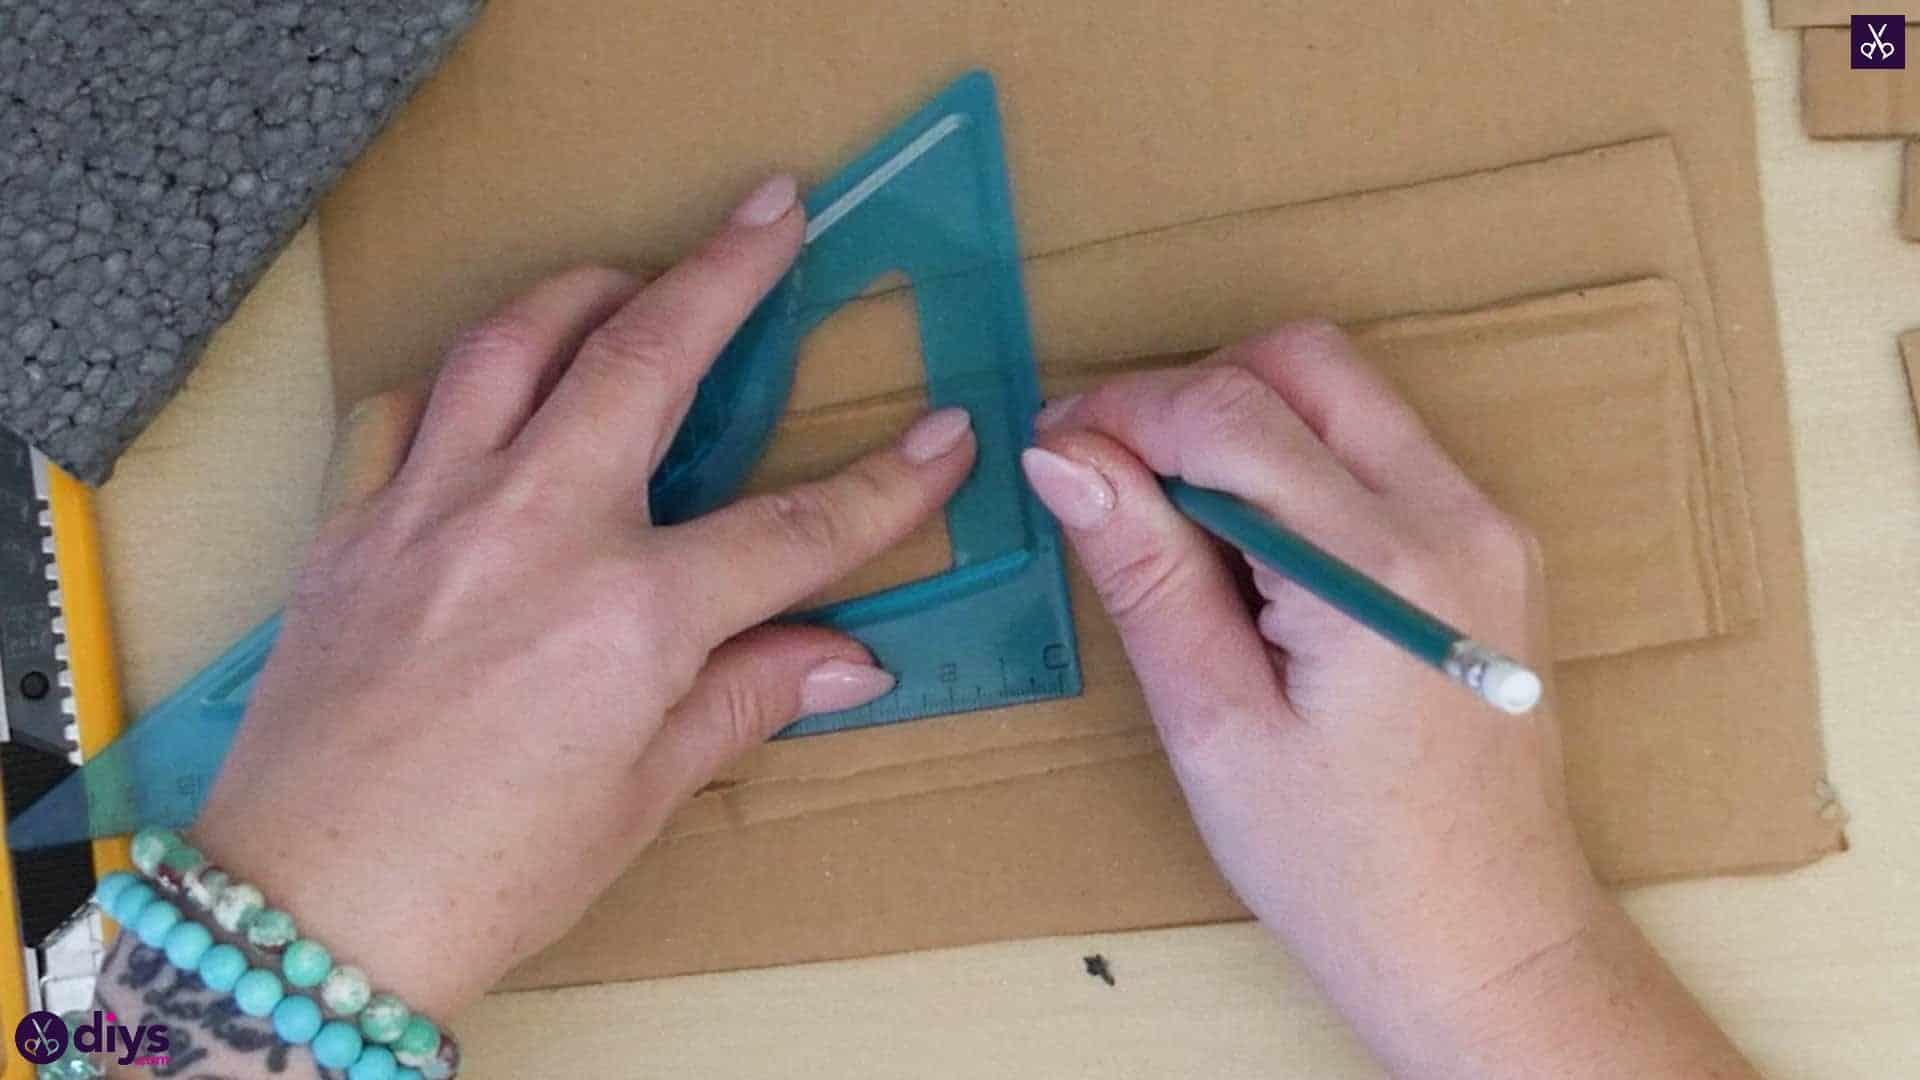 Diy miniature cage centerpiece step 4b